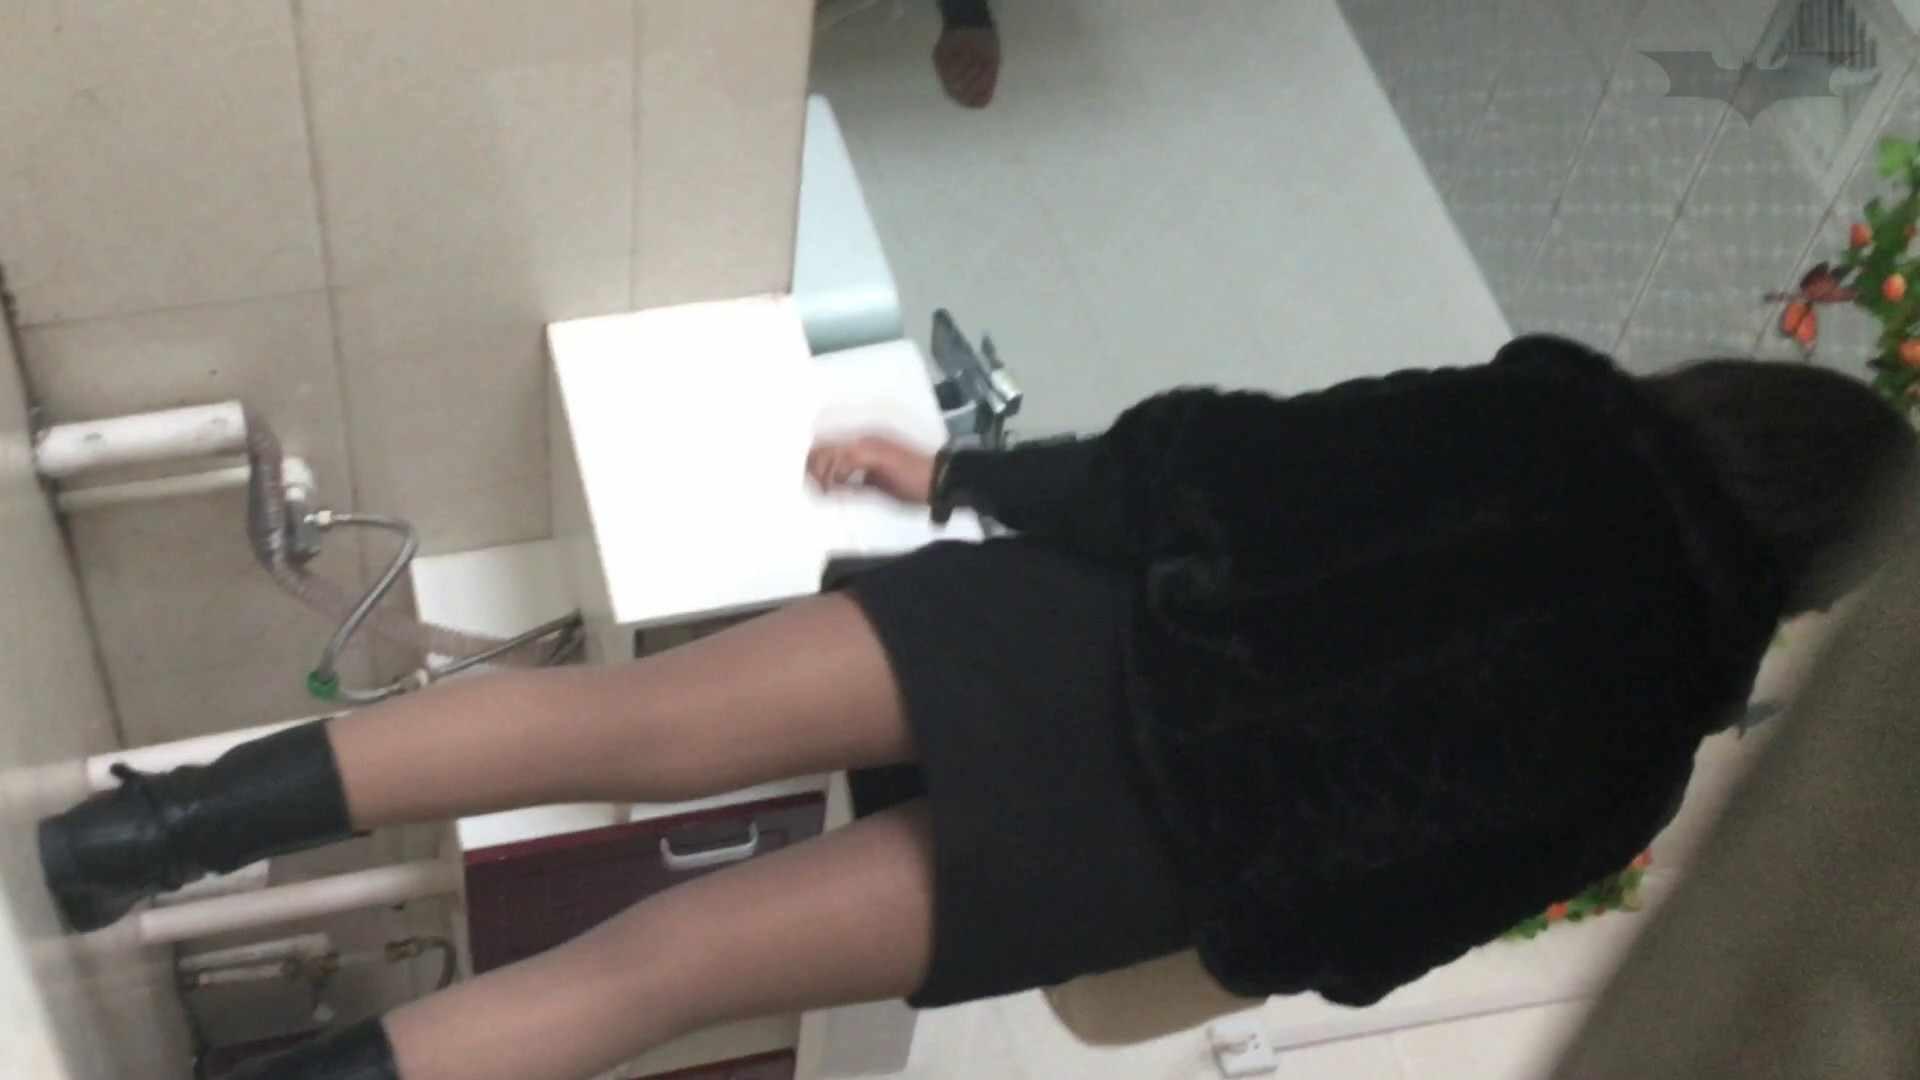 芸術大学ガチ潜入盗撮 JD盗撮 美女の洗面所の秘密 Vol.107 洗面所のぞき AV無料 111枚 20